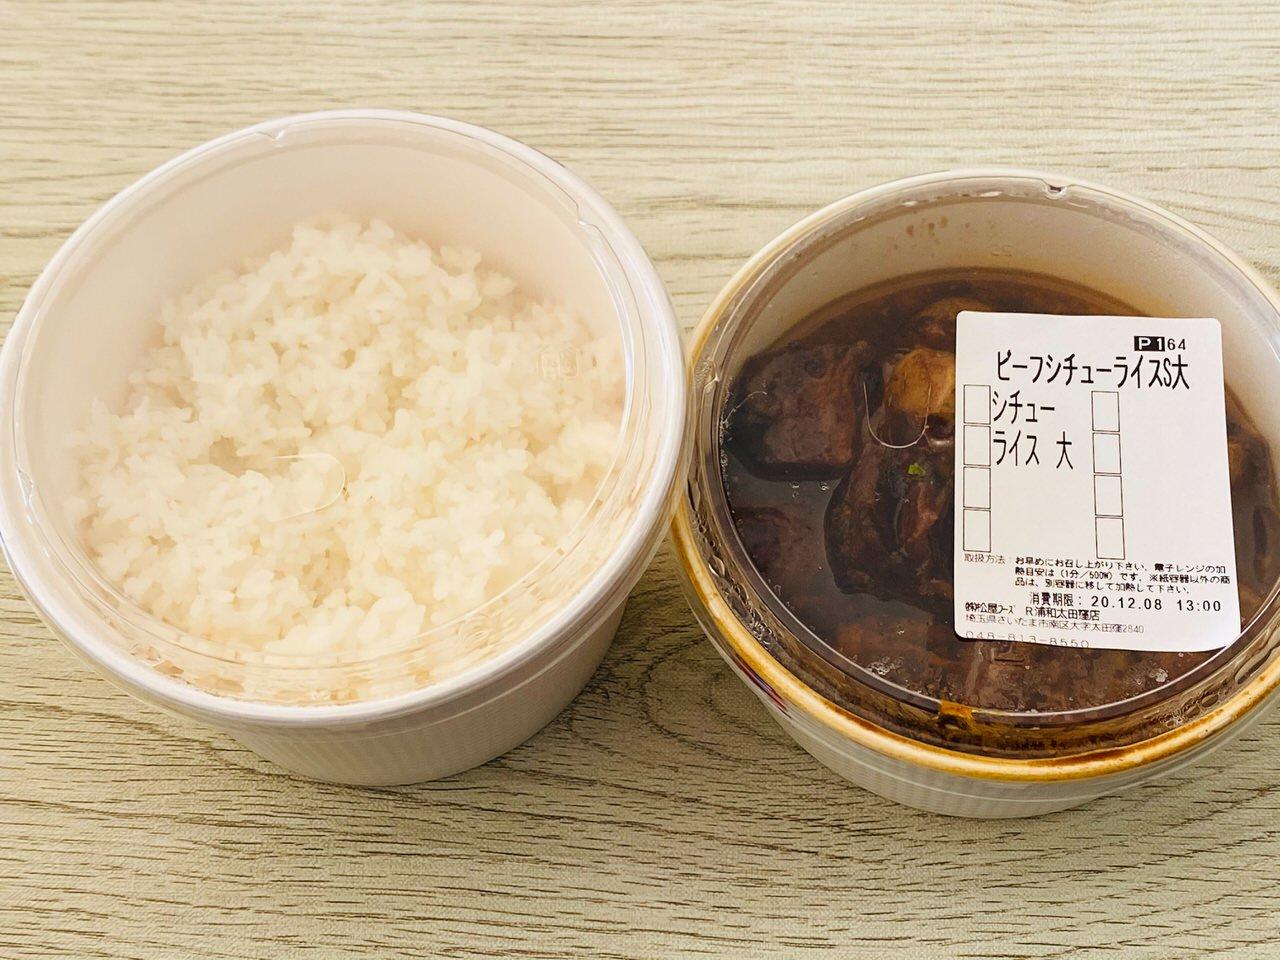 松屋 ビーフシチュー定食 202012 02